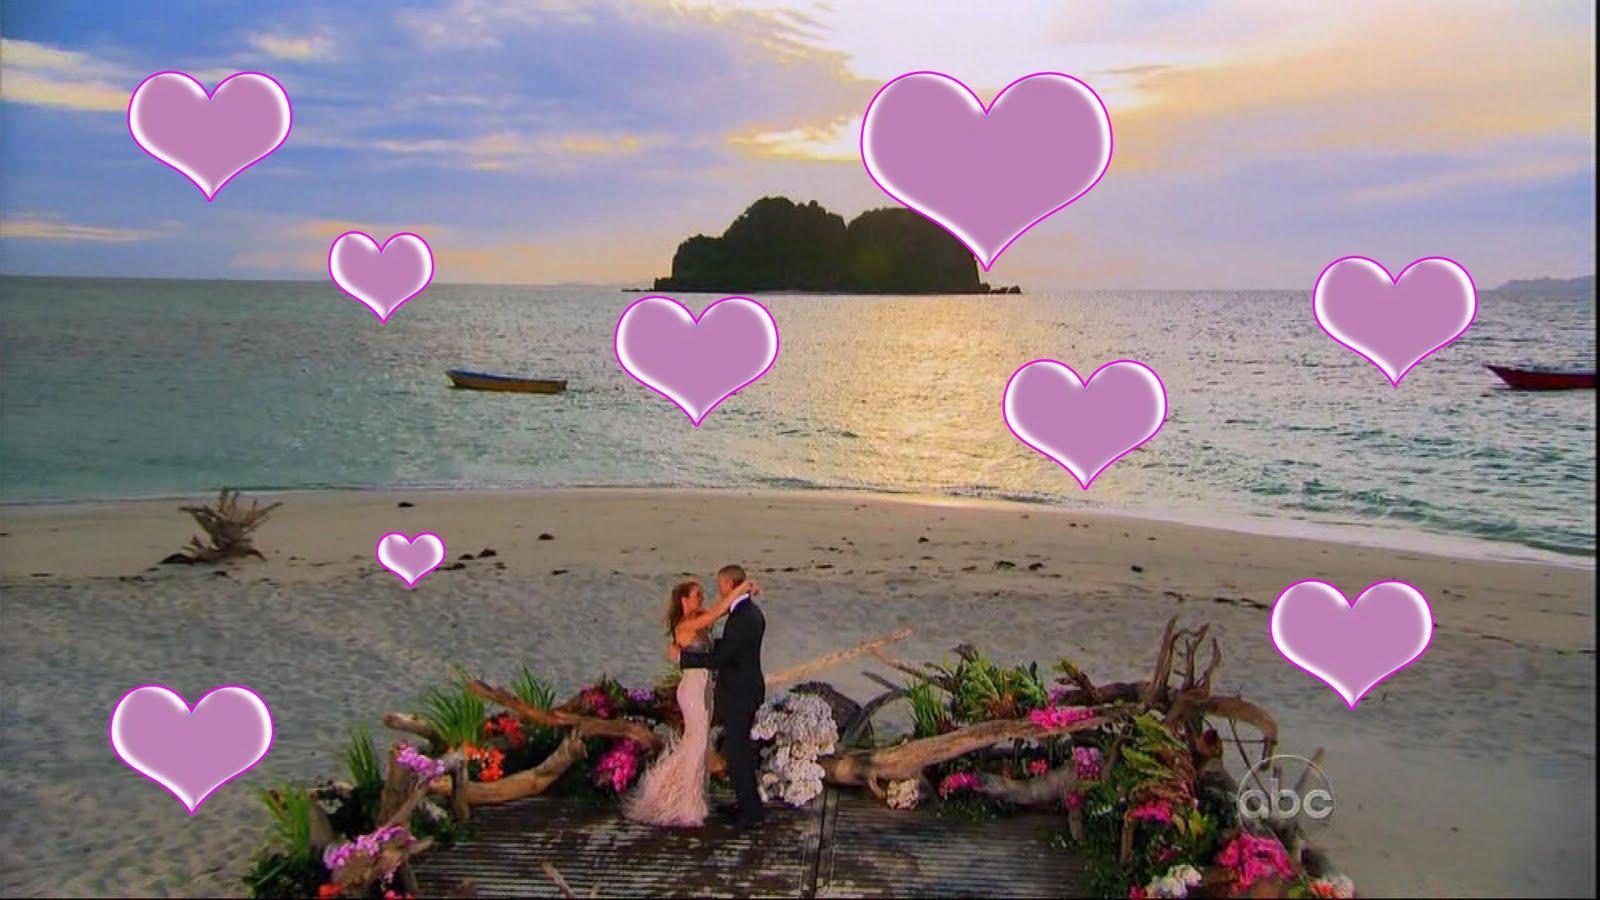 http://1.bp.blogspot.com/-gmDXUHnB2Ic/TjiAnuu4EeI/AAAAAAAAB9M/2f0S3nWQfoA/s1600/heartsjpg.jpg